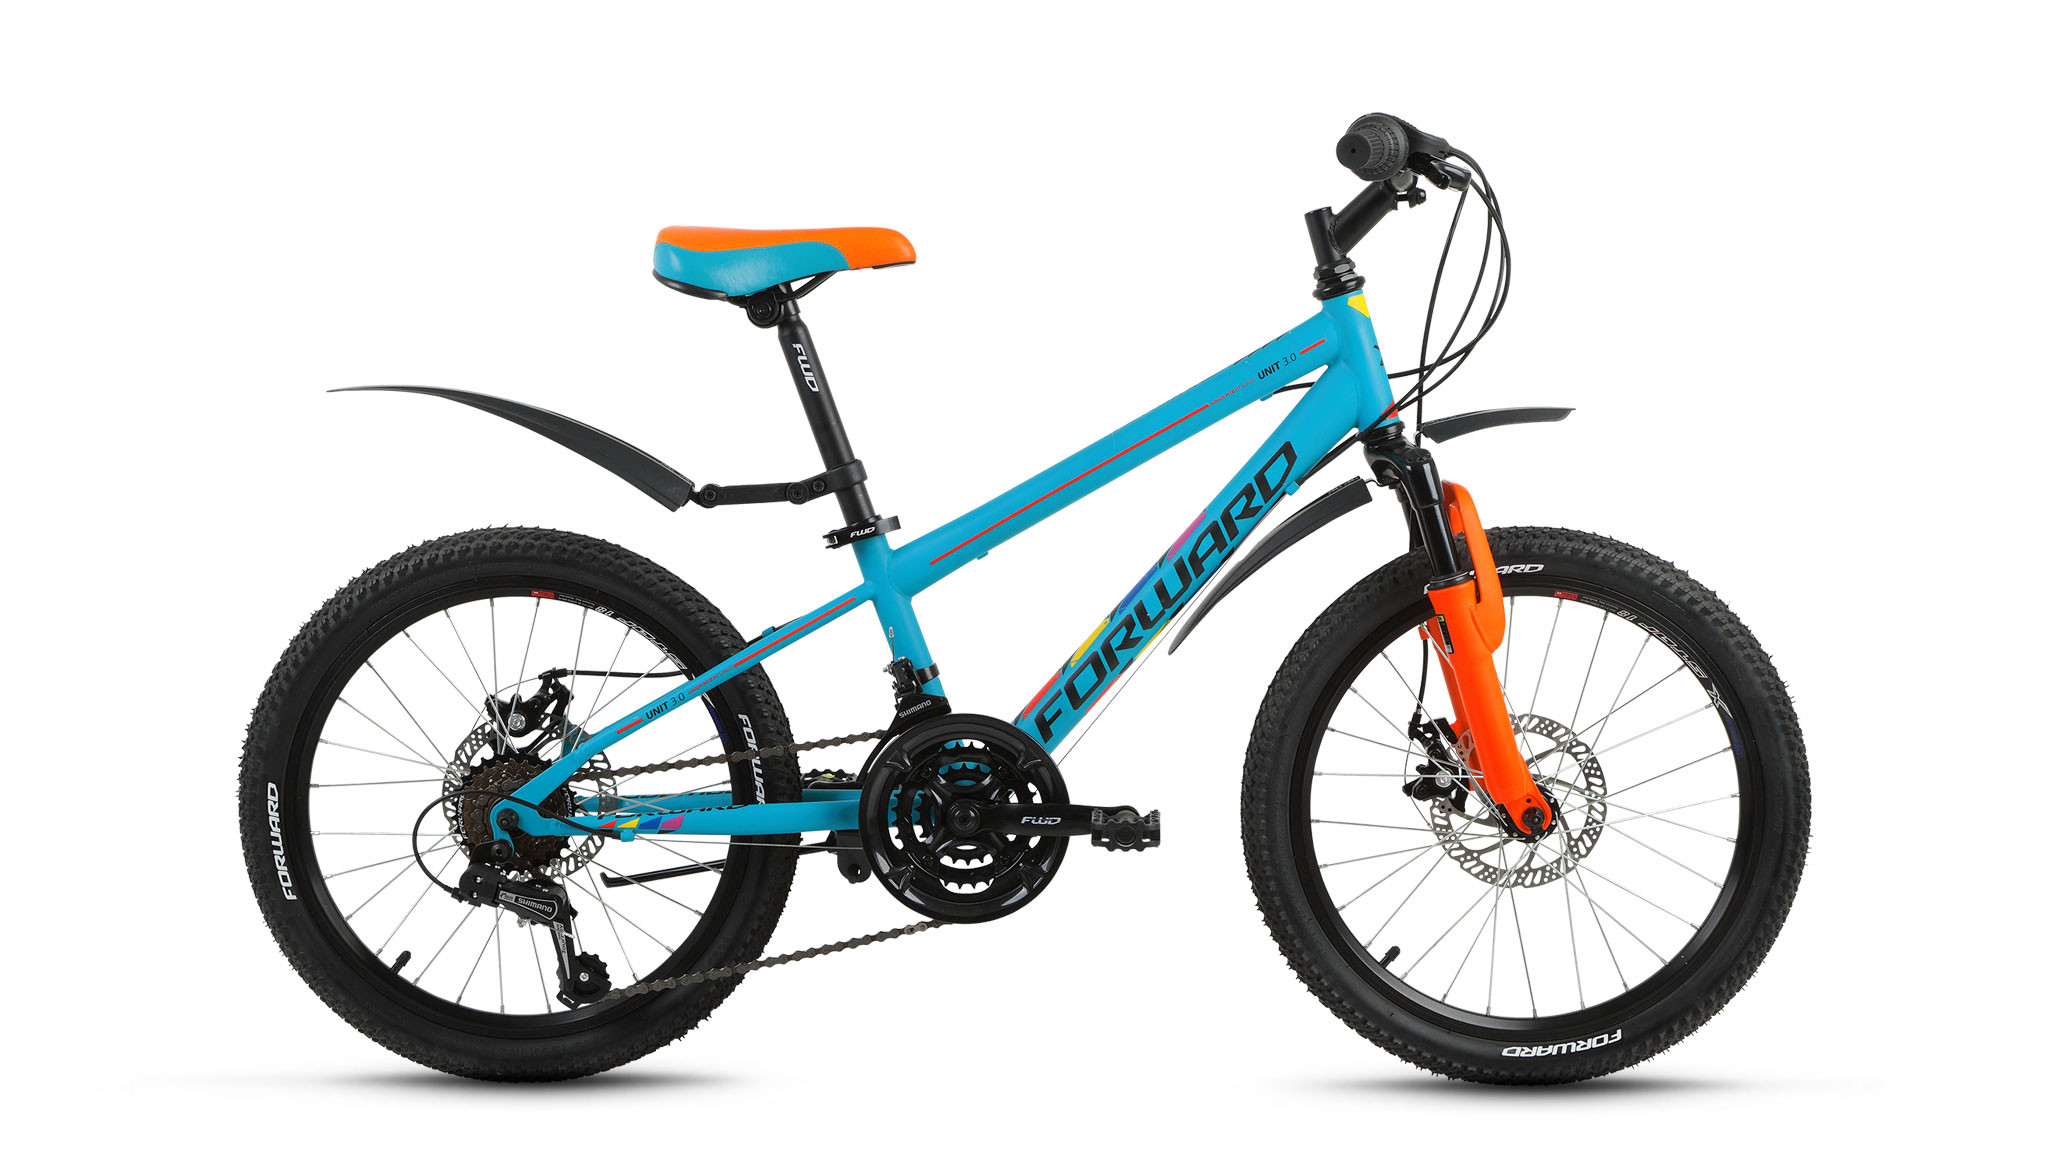 Детский велосипед Forward Unit 3.0 Disc 2018 бирюзовый матовый